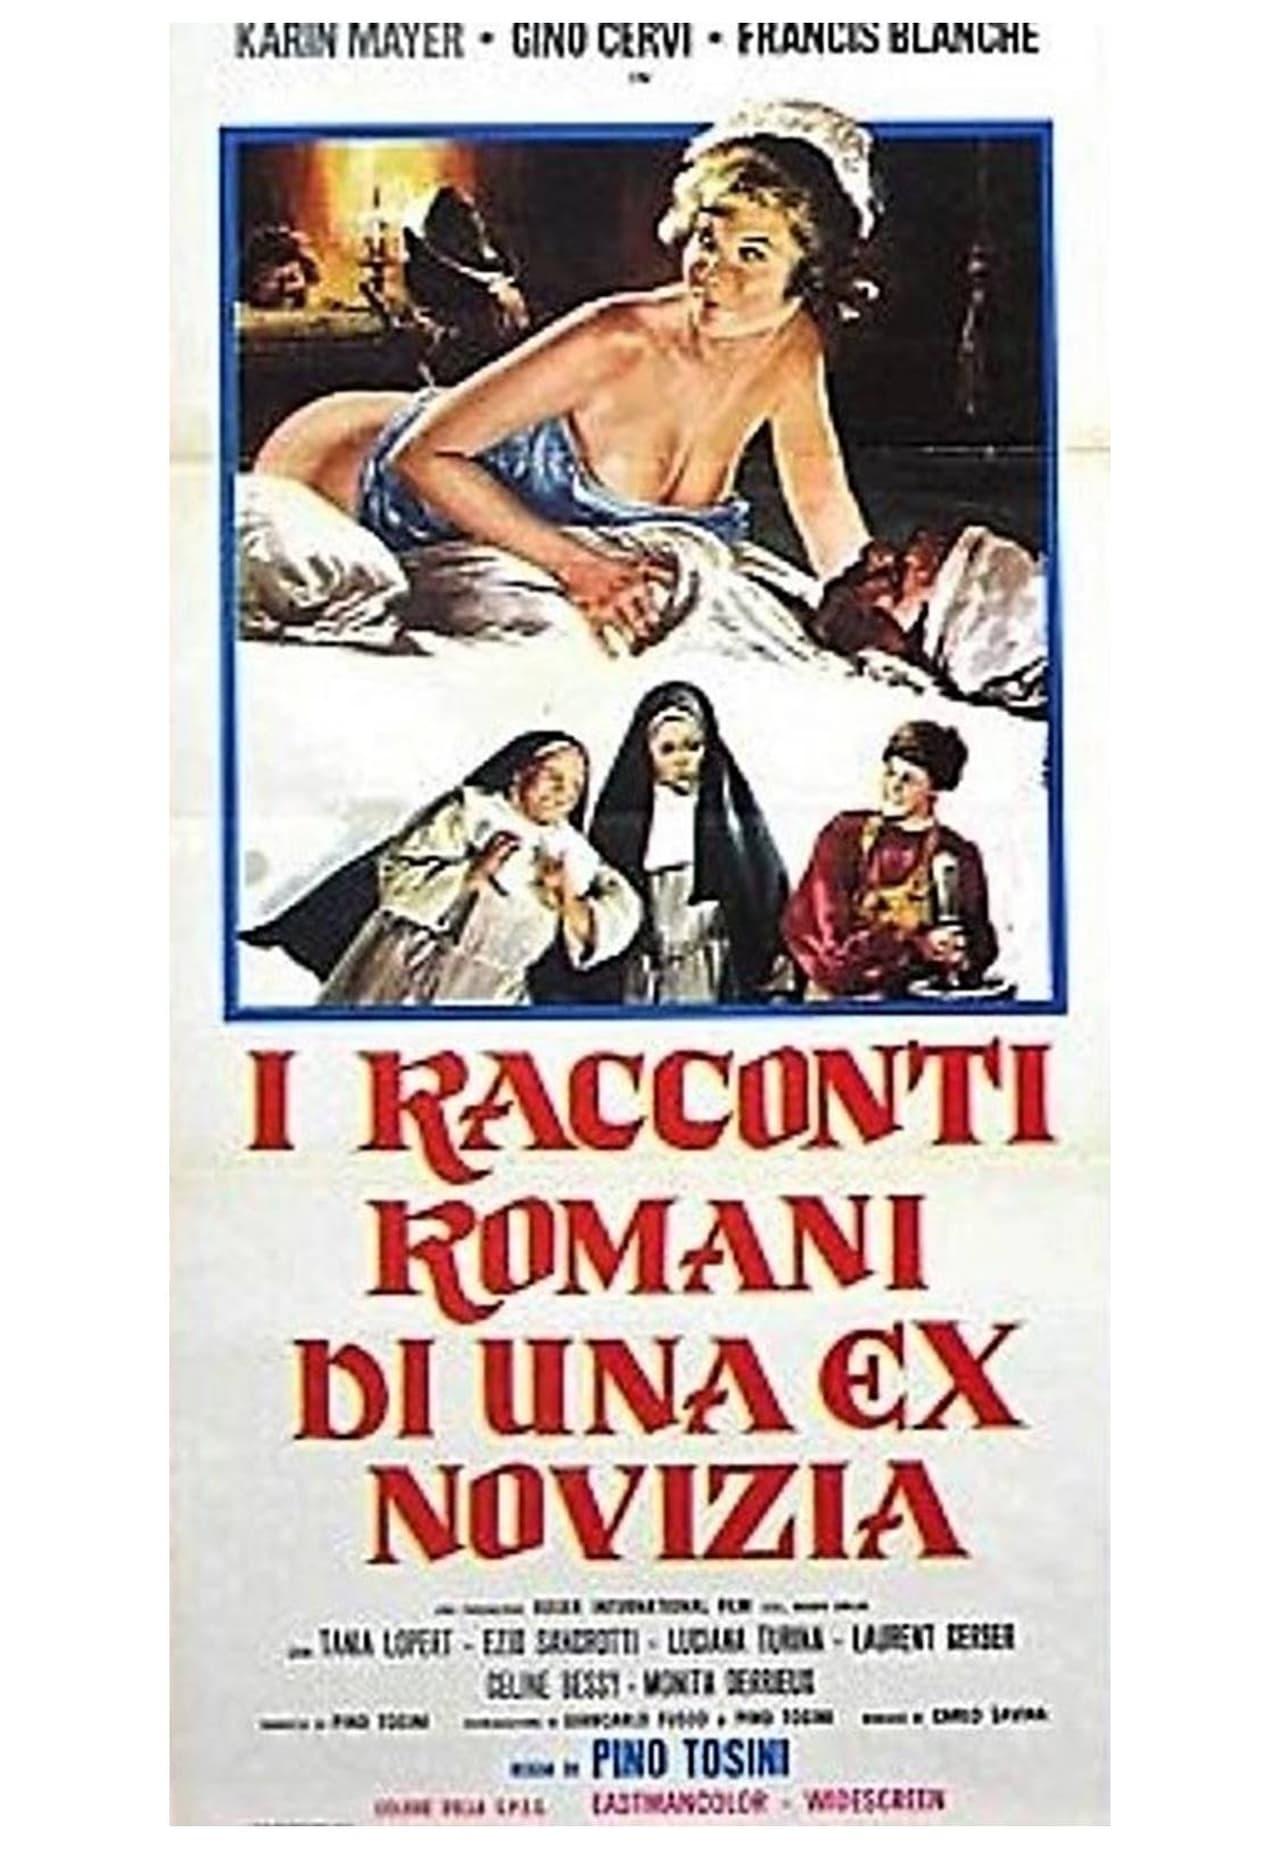 Racconti romani di una ex-novizia